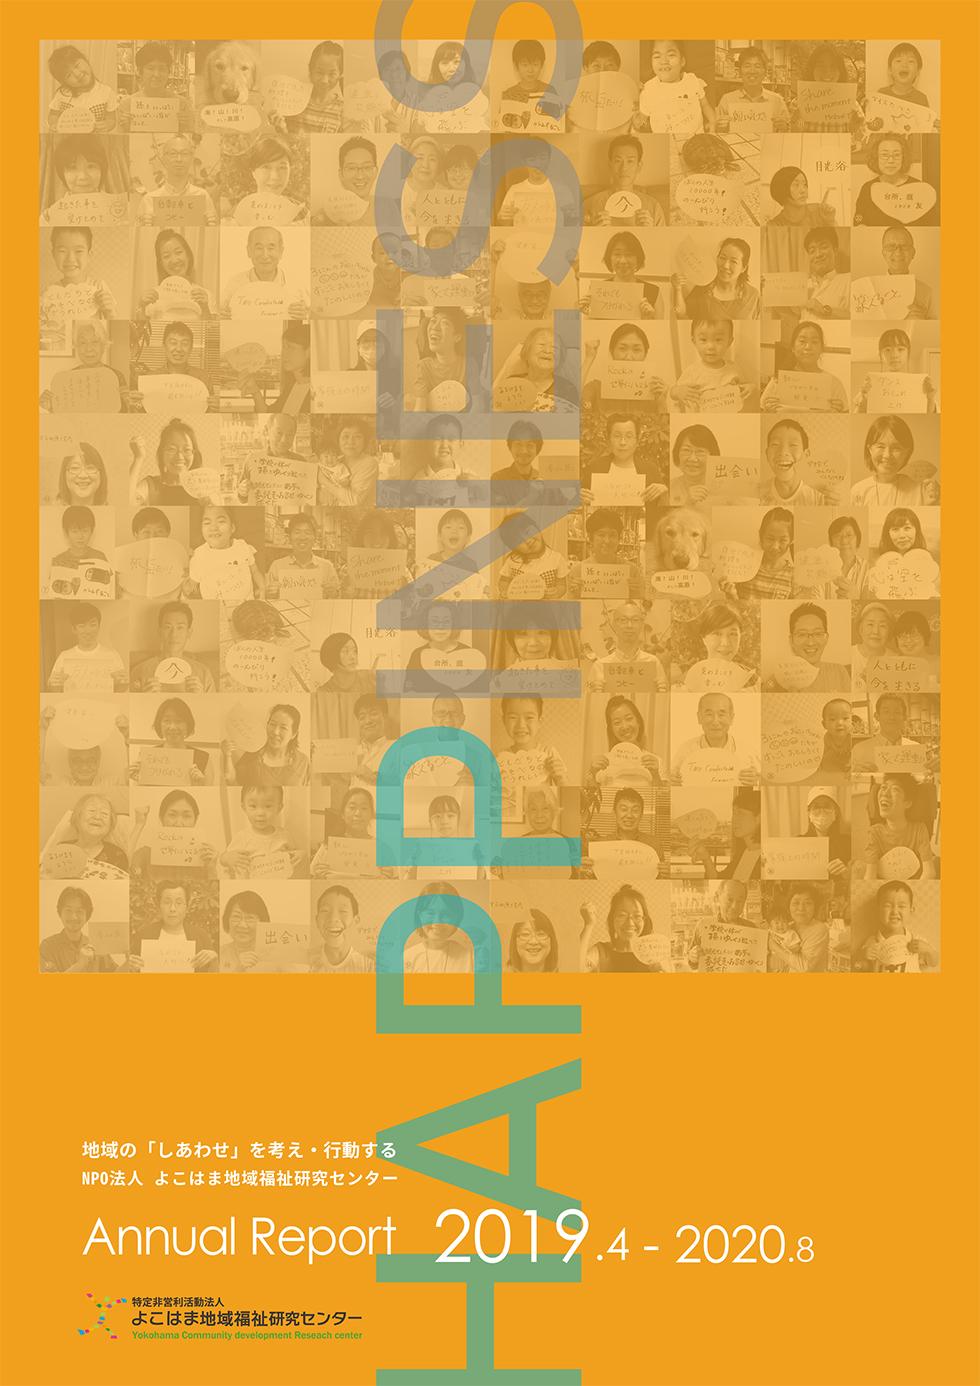 annual report 2019.4-2020.8が完成しました!